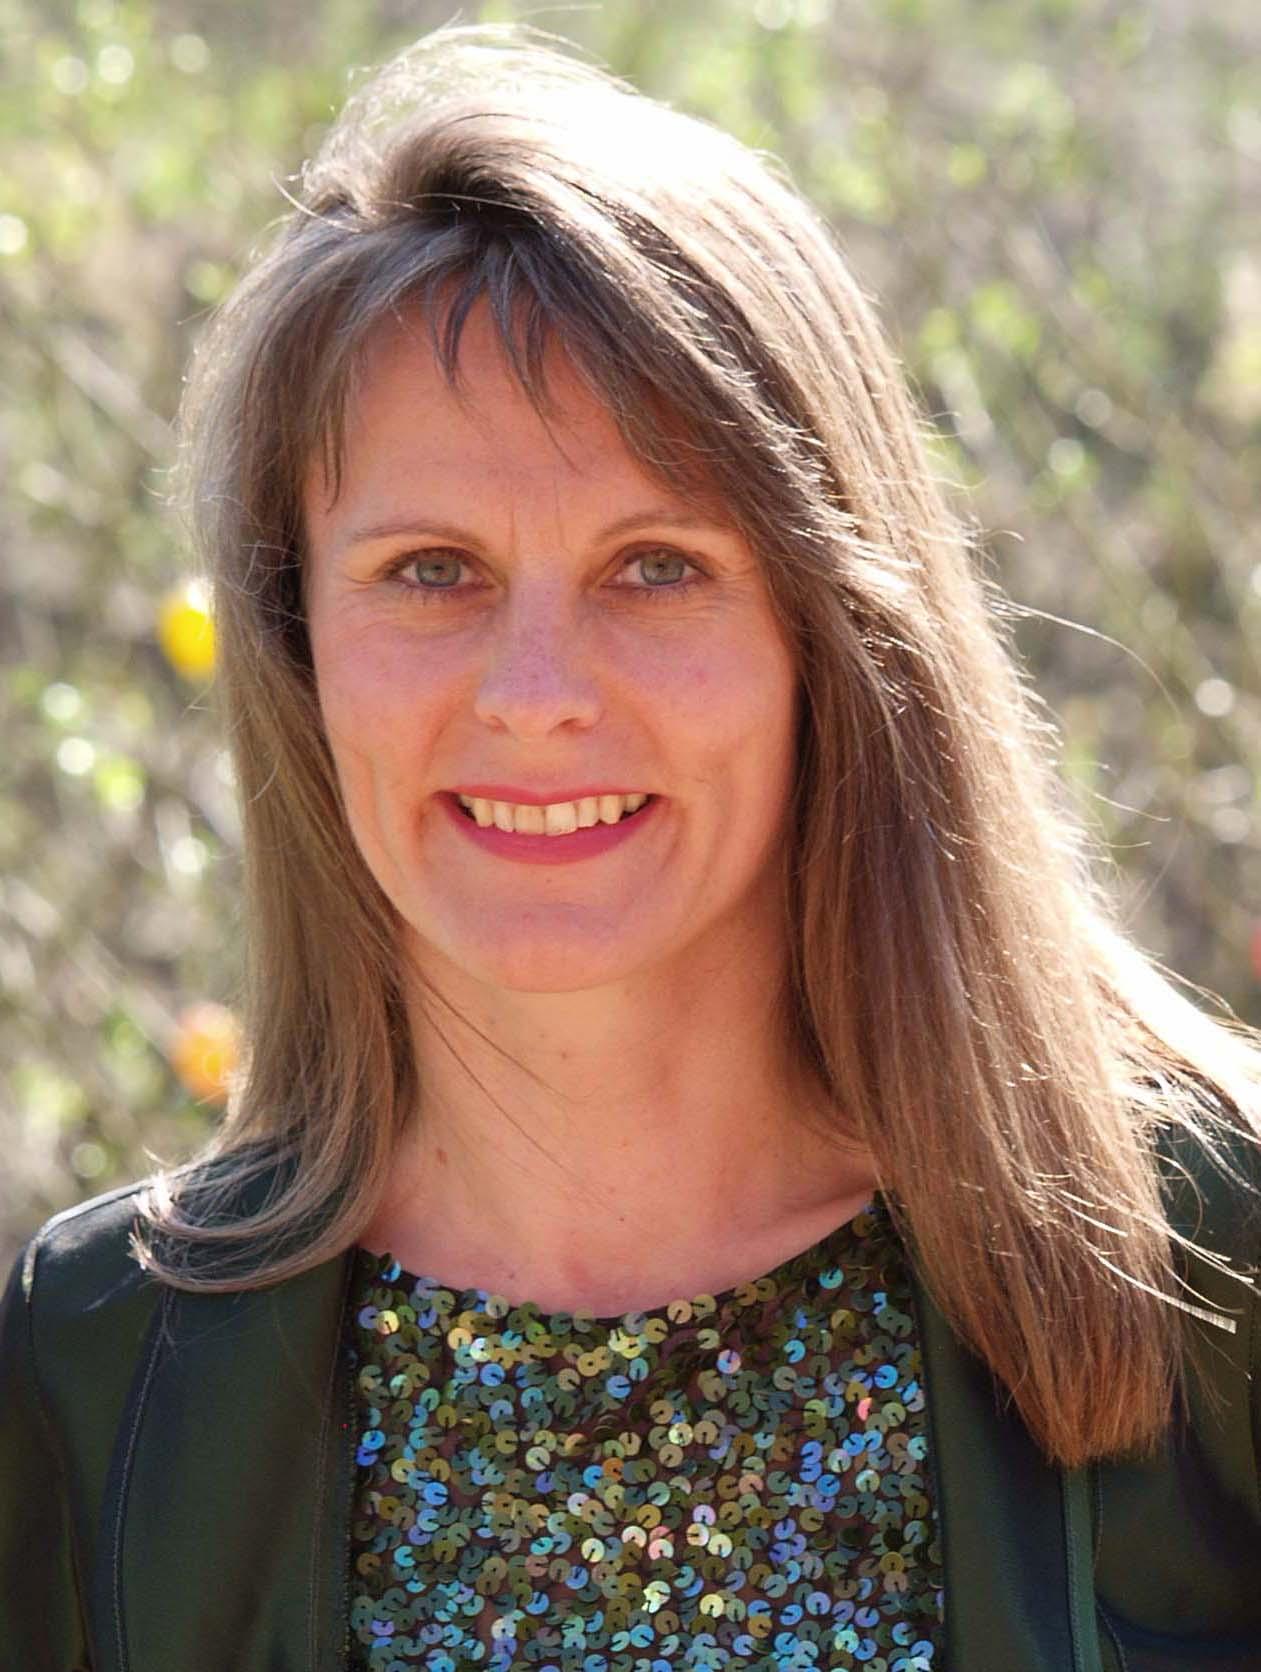 Bärbel Mohr - verstorbene Autorin von Bestellungen beim Universum und Cosmic Ordering